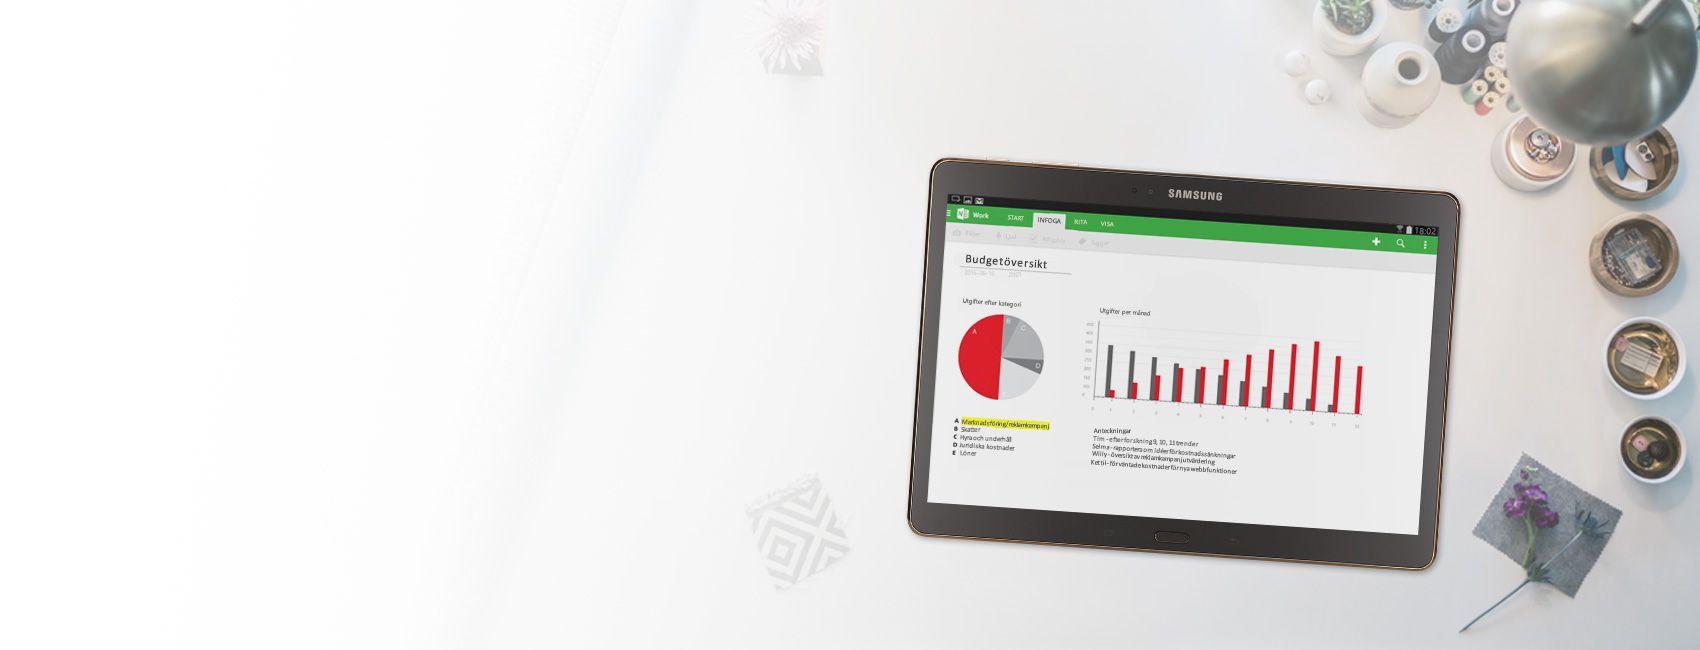 En surfplatta med en budgetöversikt i form av diagram och grafer i en OneNote-anteckningsbok